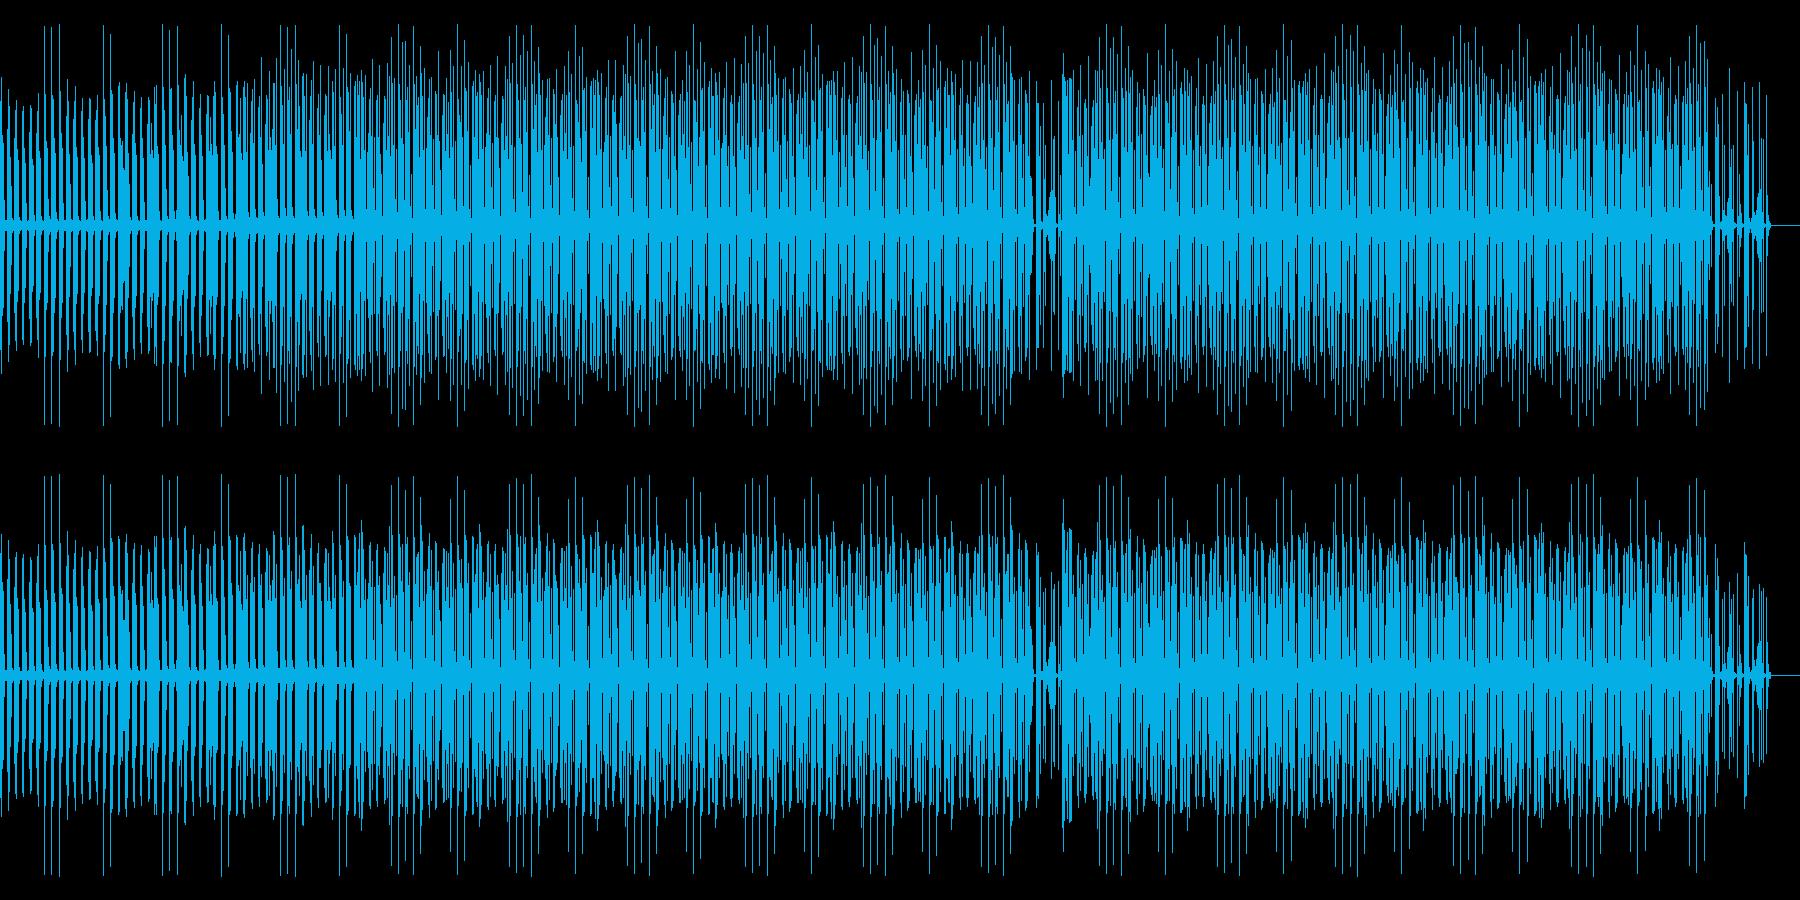 重低音のベースが印象的なテクノの再生済みの波形